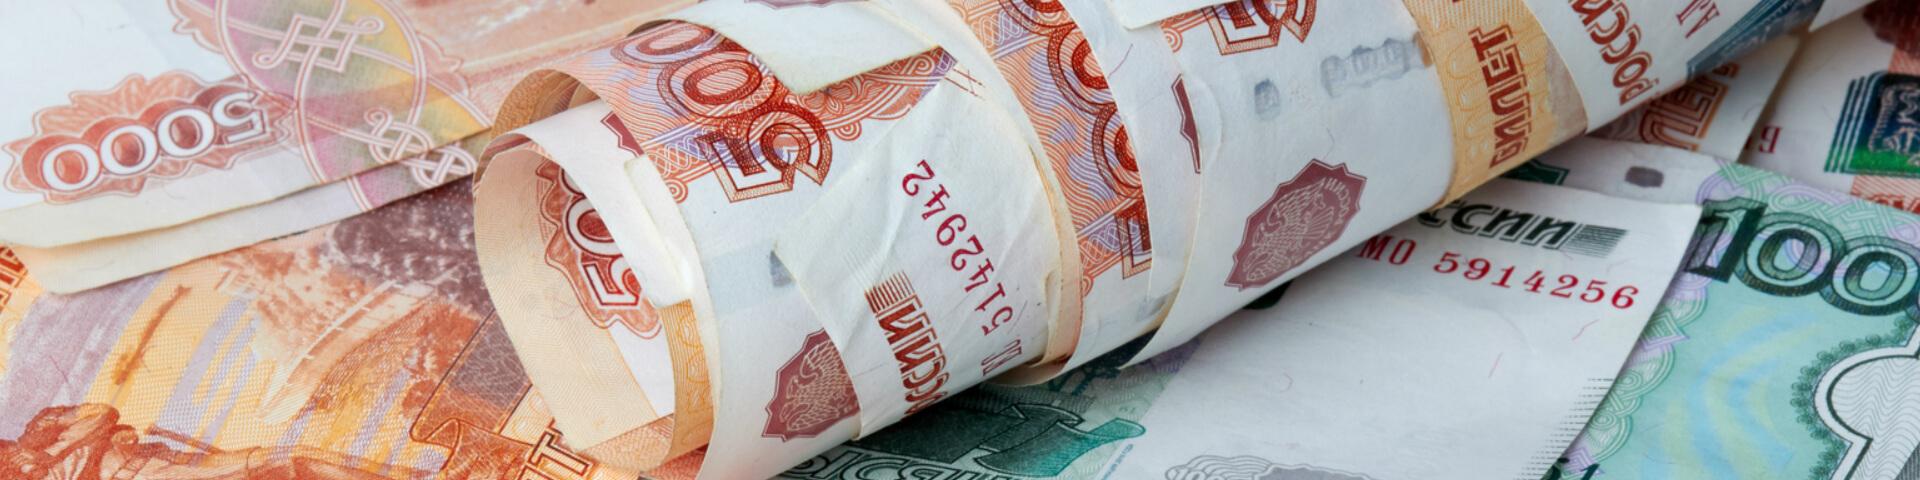 Беттор из Тамбова поставил 101 рубль, а выиграл более 200 000